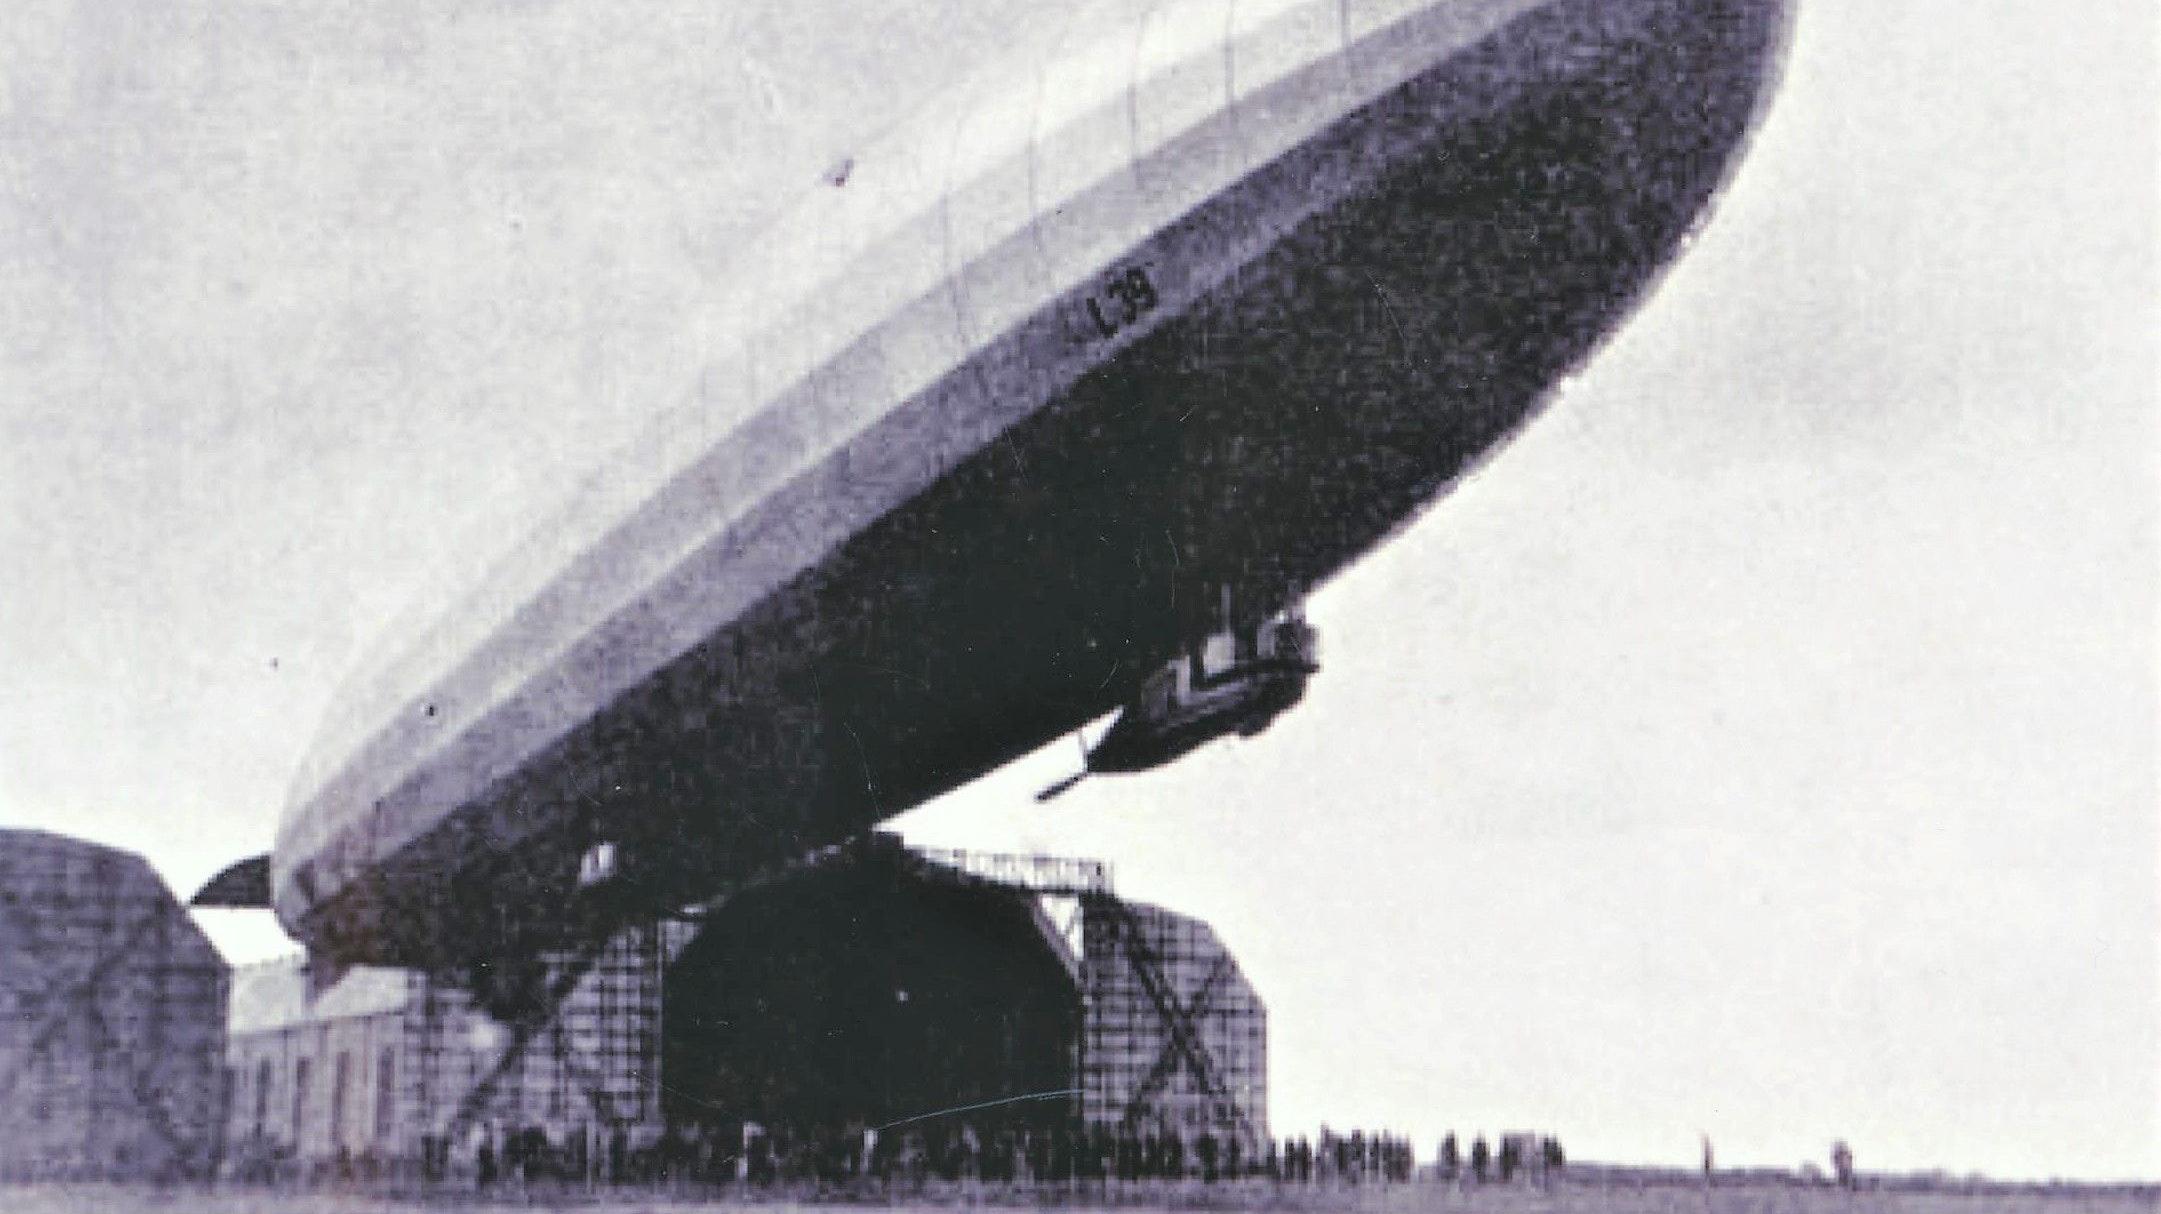 Beeindruckend: Zeppeline galten seinerzeit als technische Wunderwerke. Foto: Archiv Faß